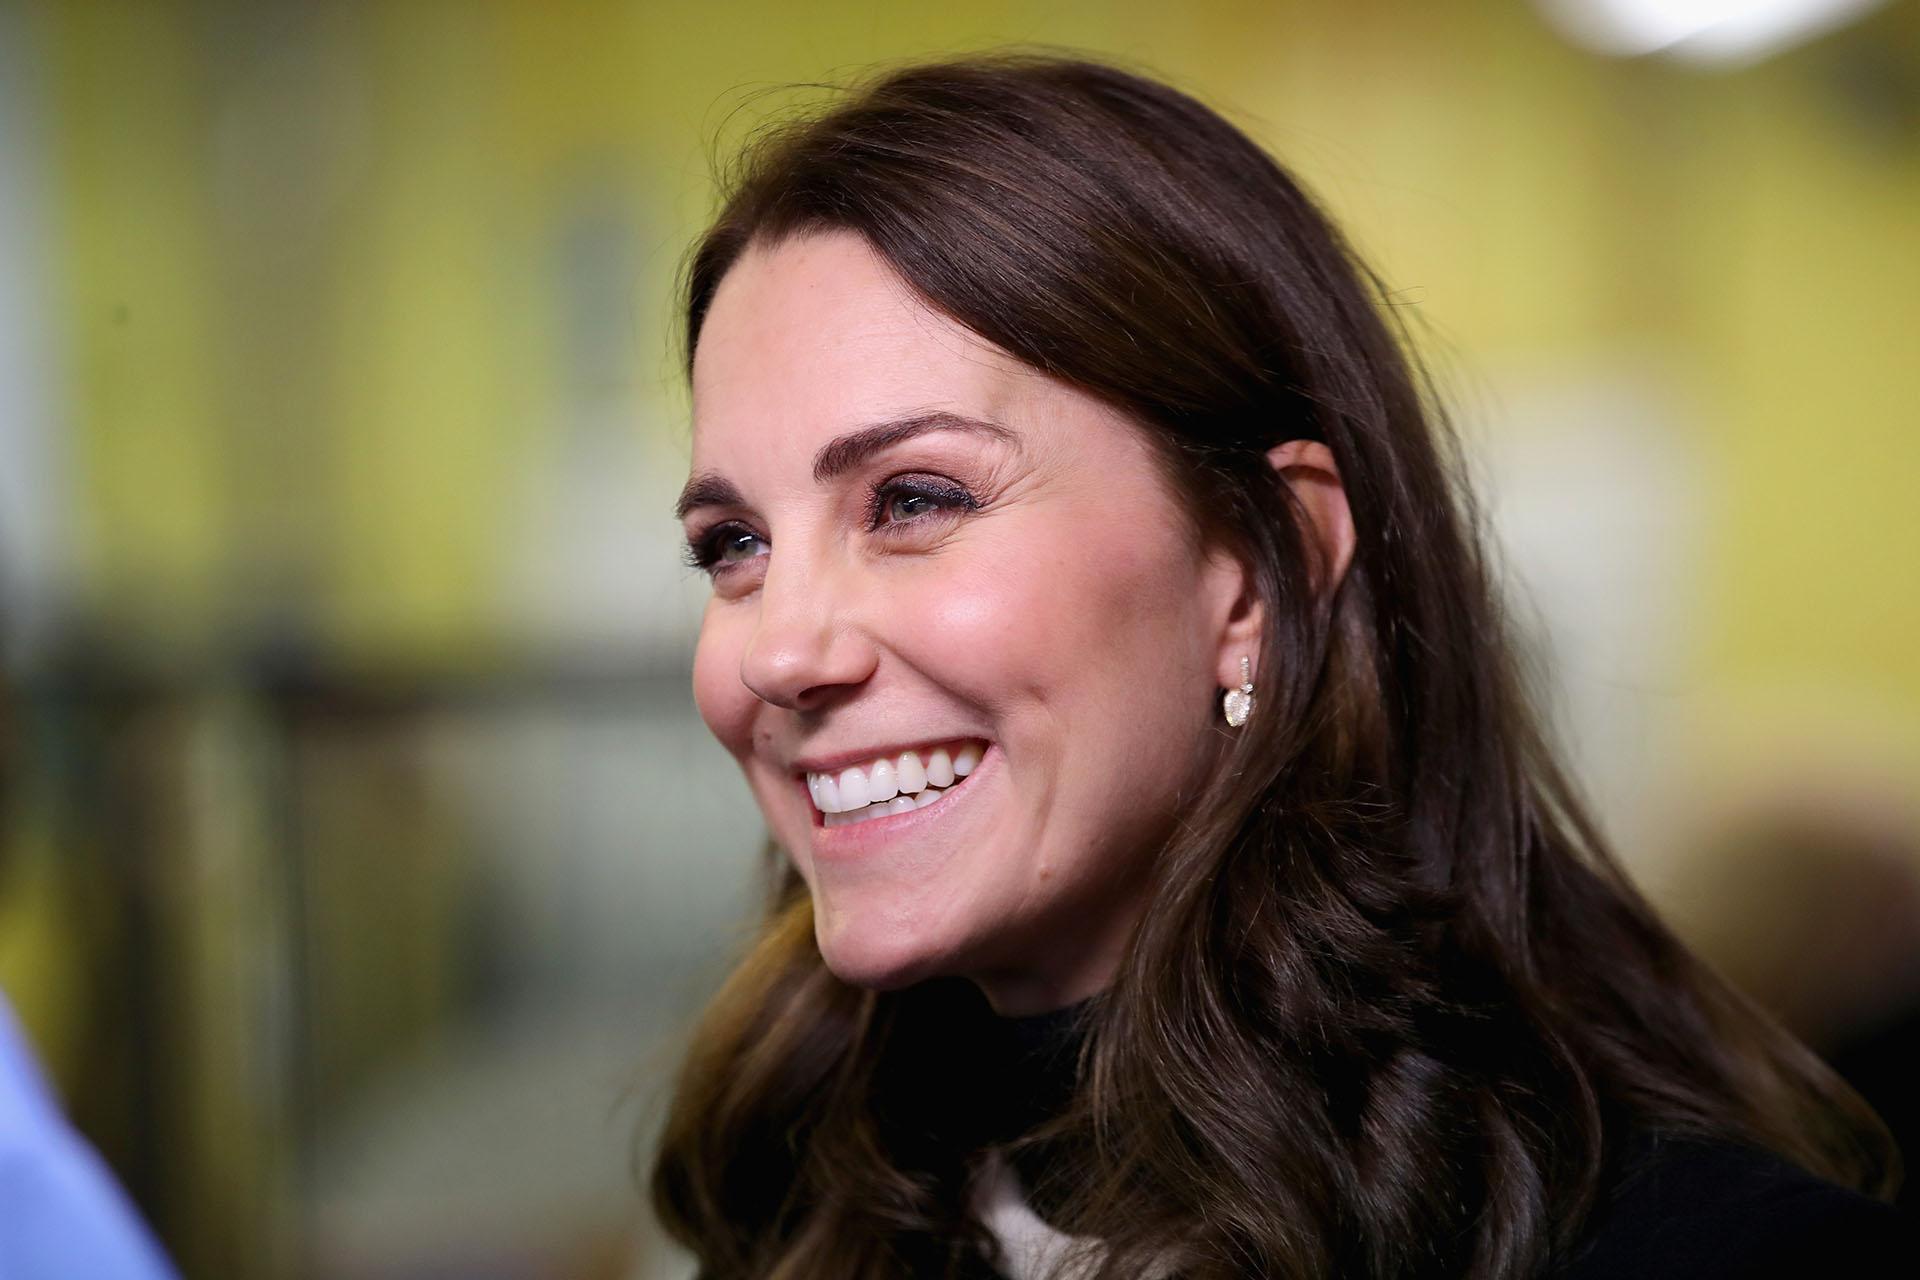 La princesa estaría embarazada de 4 meses